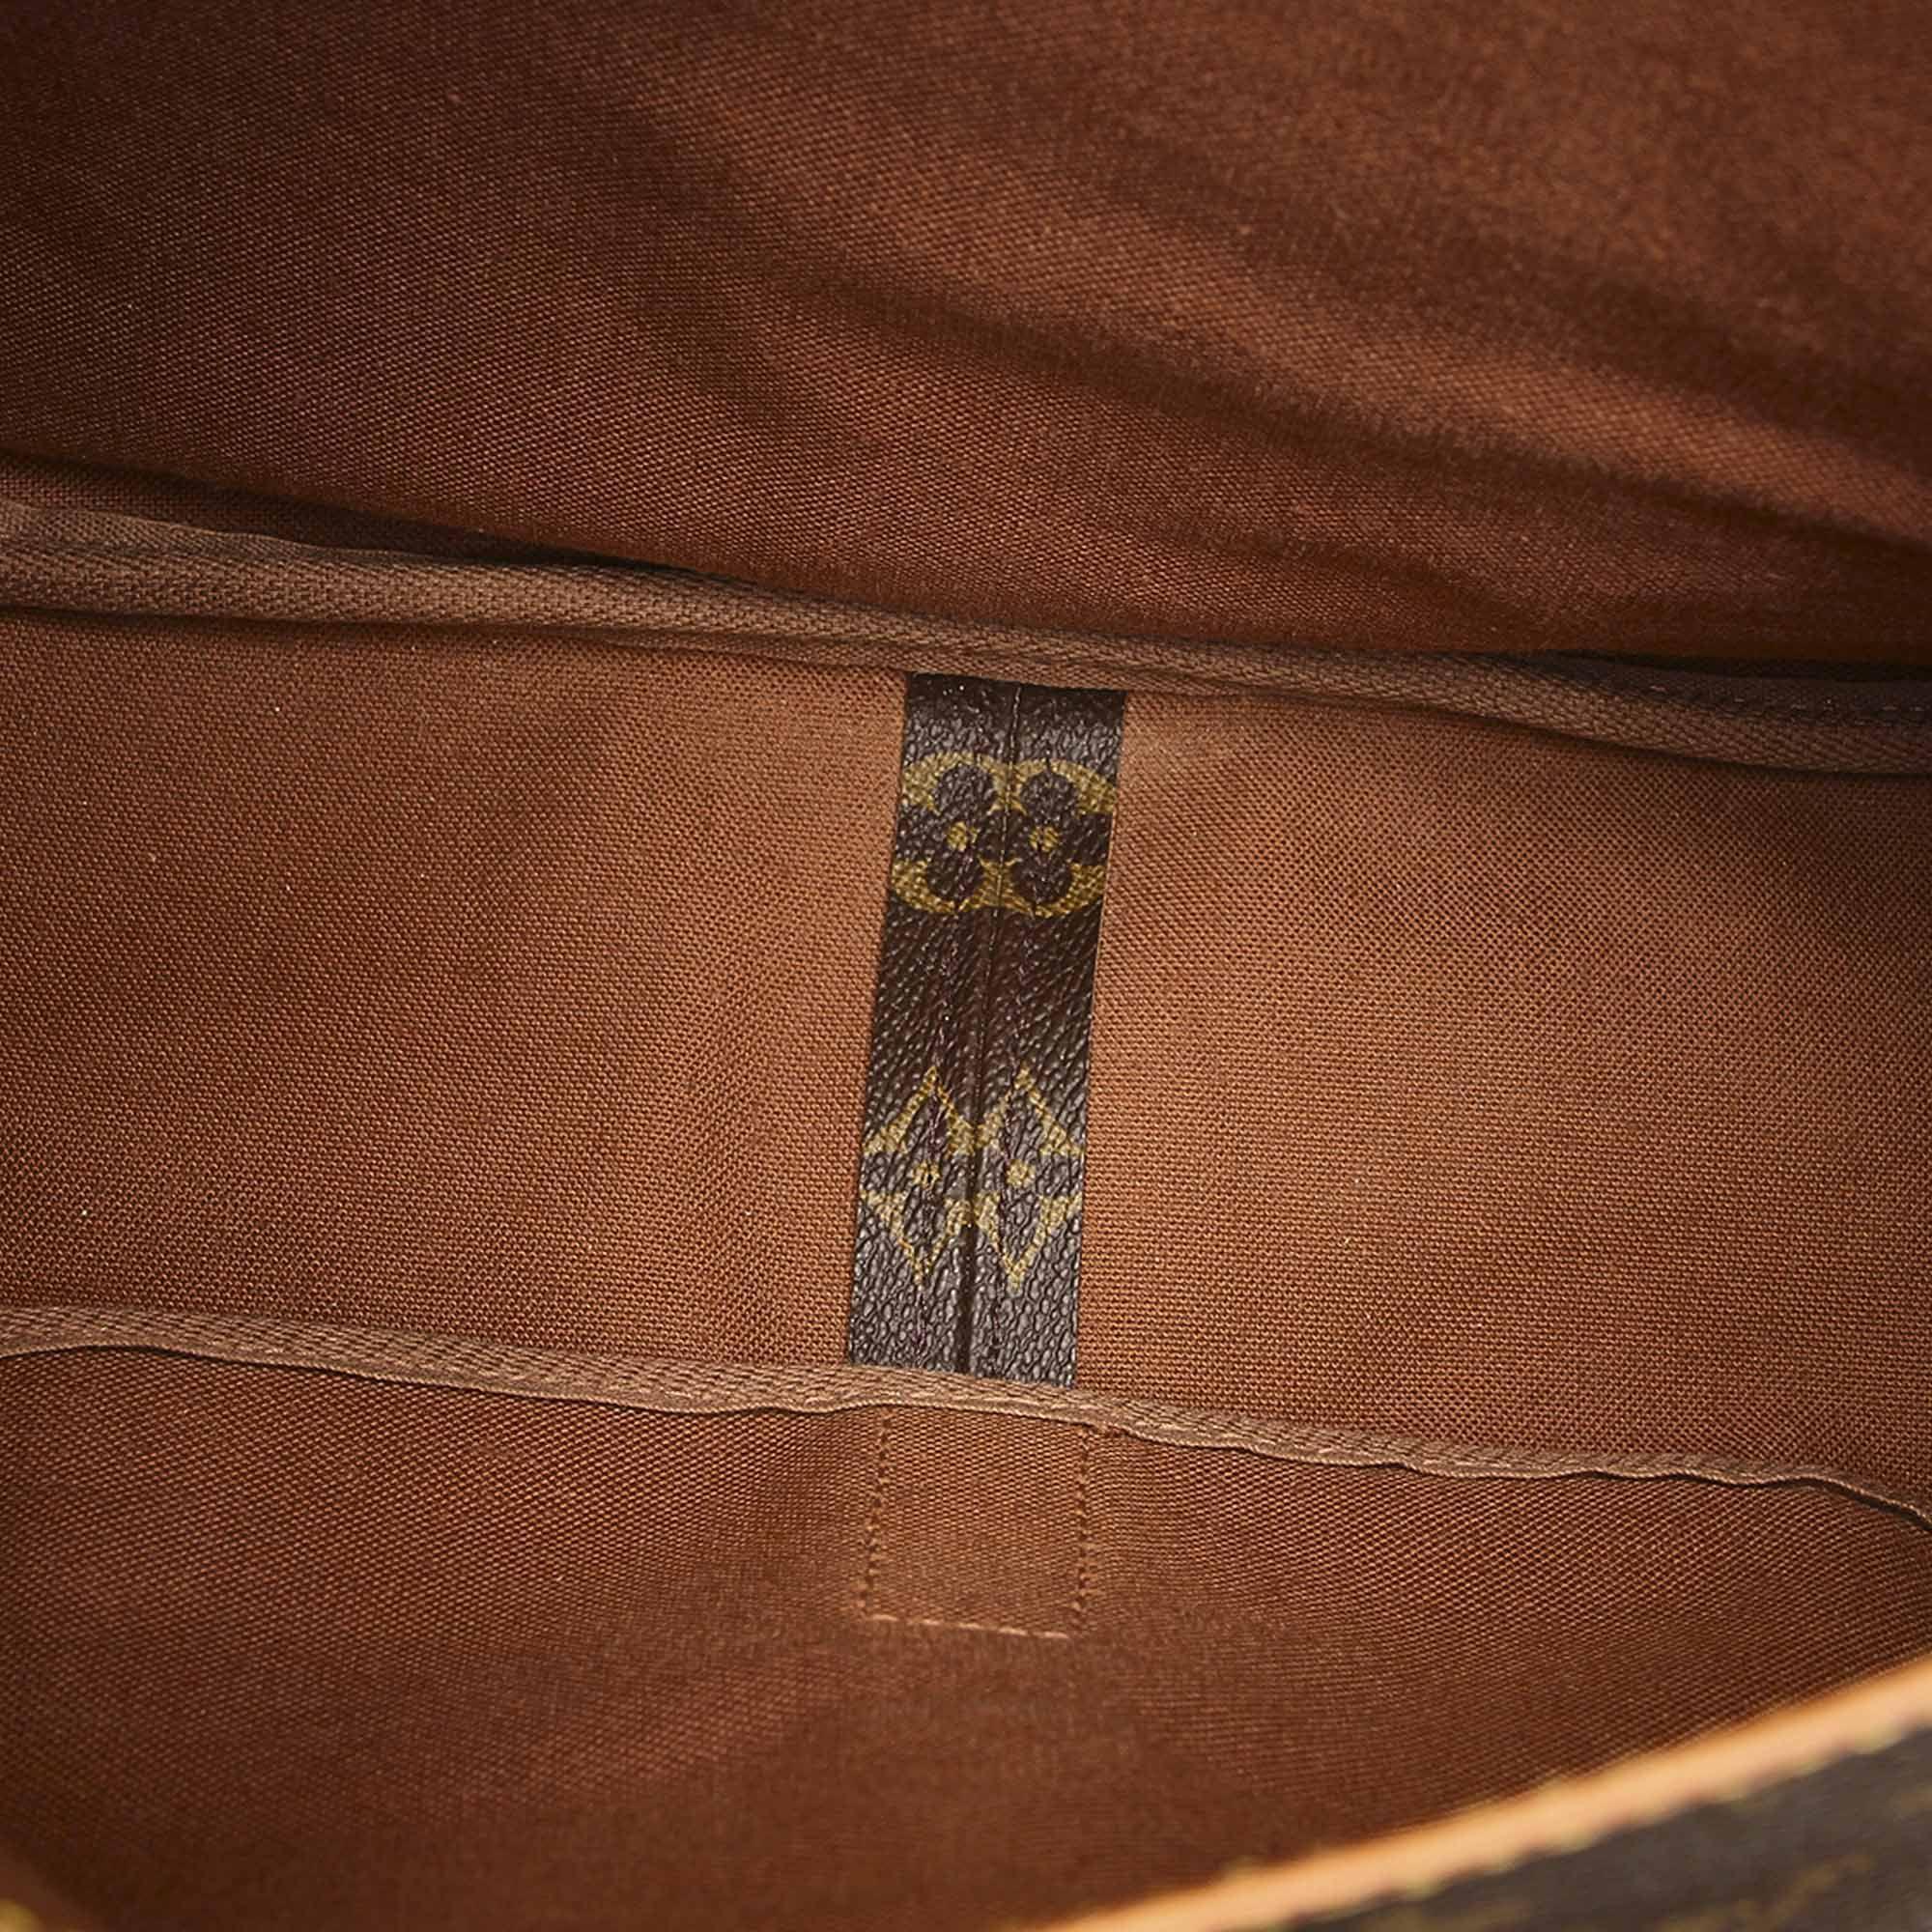 Vintage Louis Vuitton Monogram Saumur 35 Brown